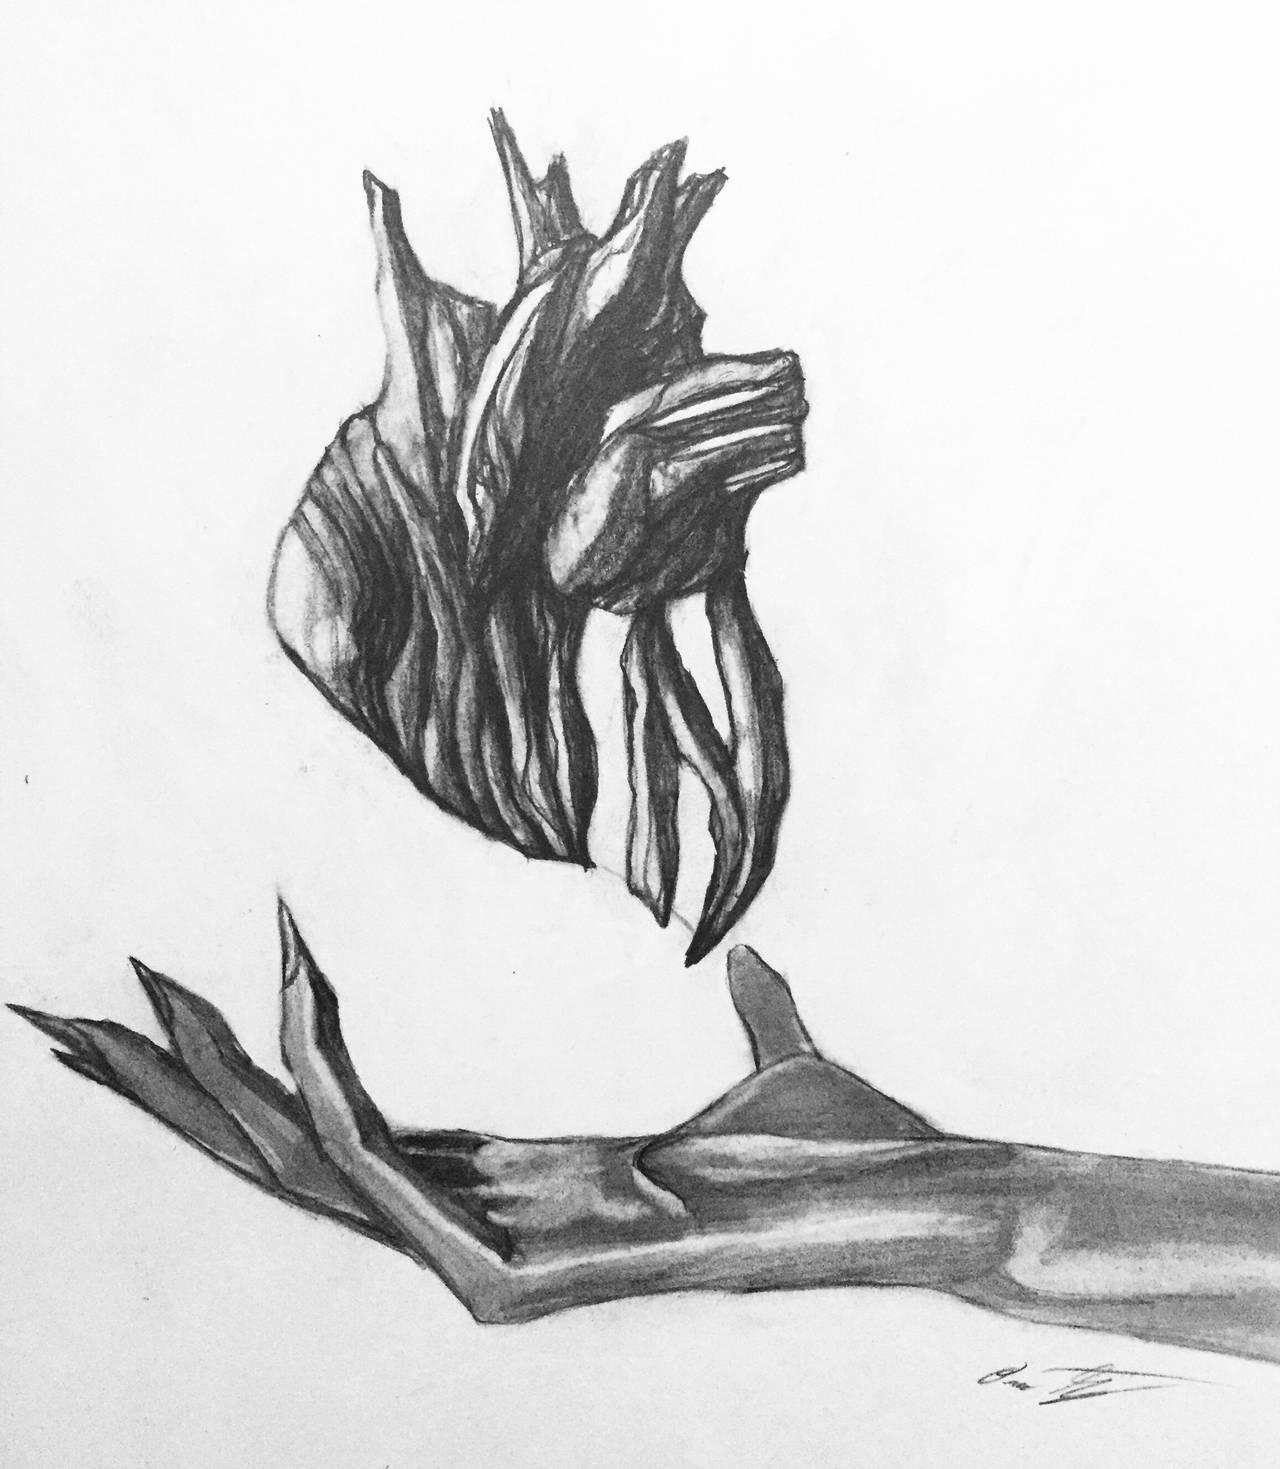 sentient_heart_by_forgotten_epoch_dczqk7